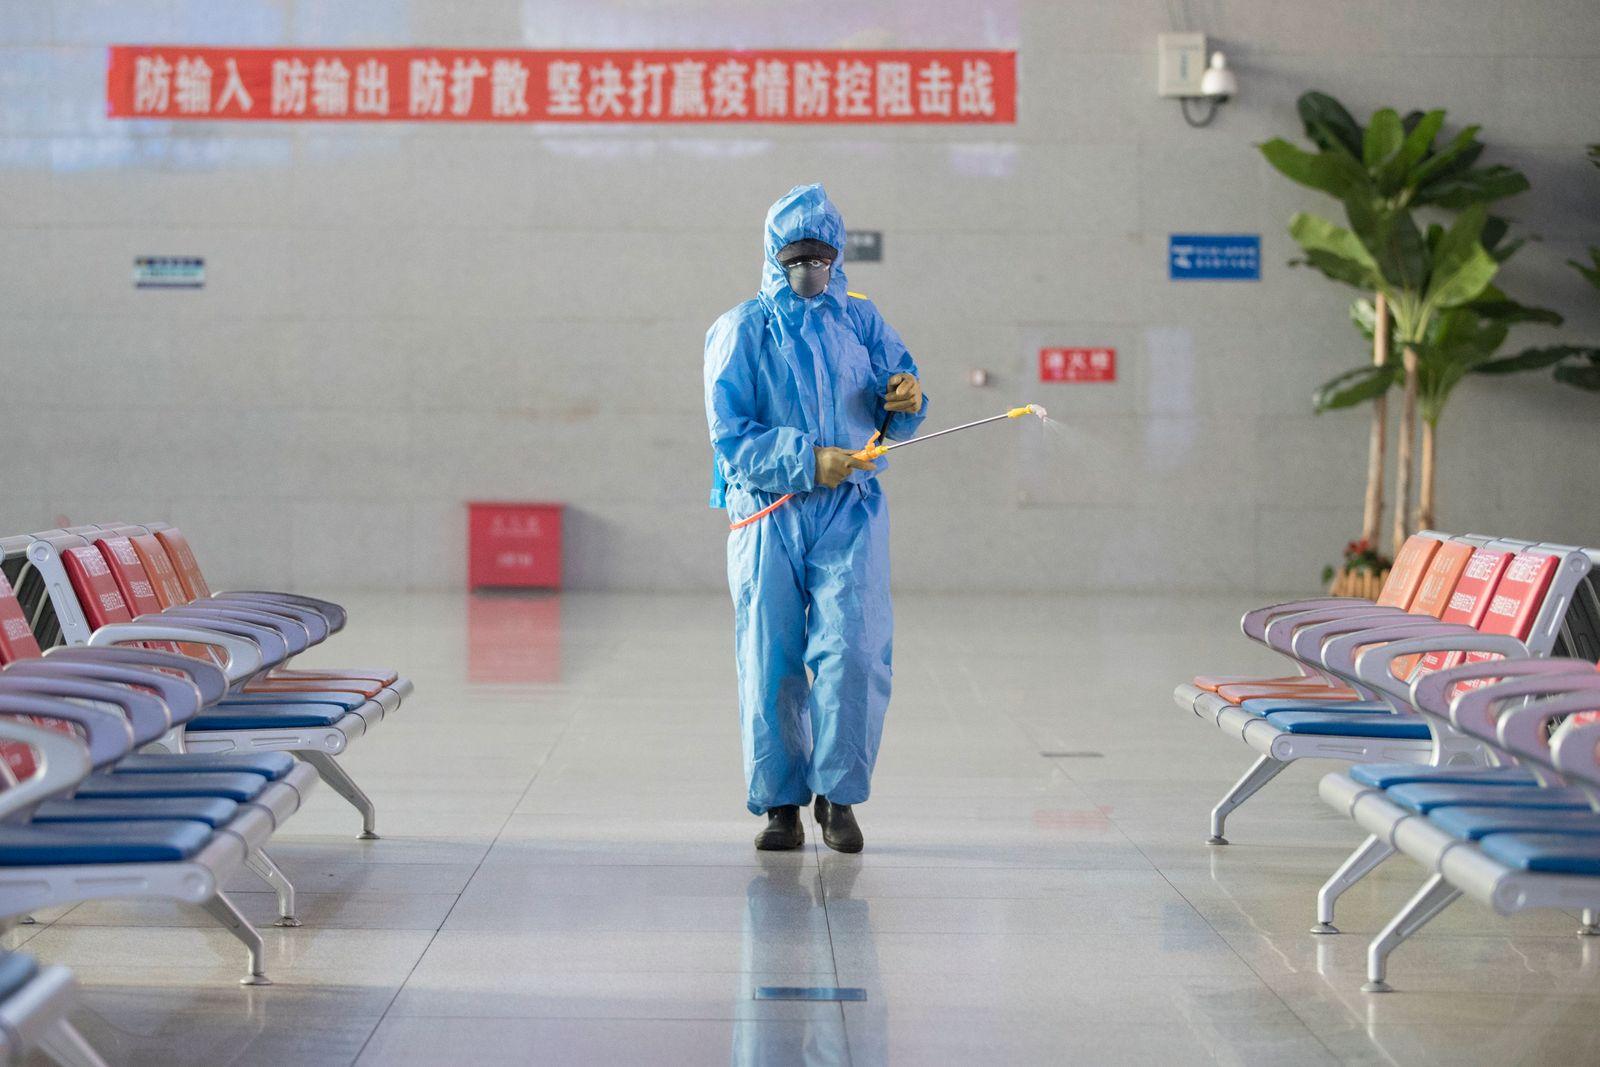 Mann desinfiziert Wartehalle